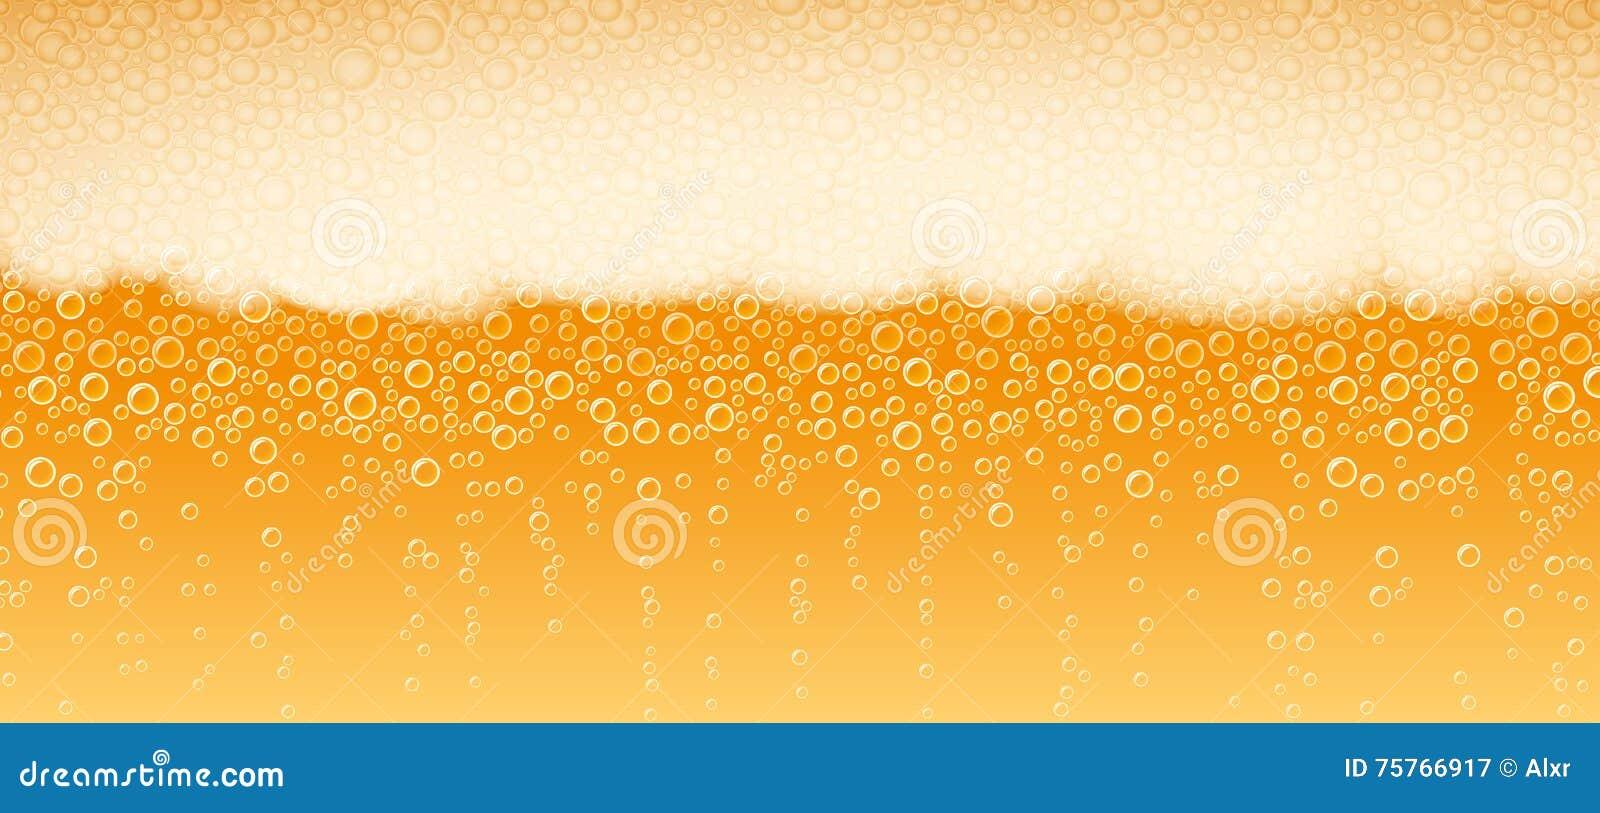 Φως ξανθού γερμανικού ζύού υποβάθρου αφρού μπύρας πικρό